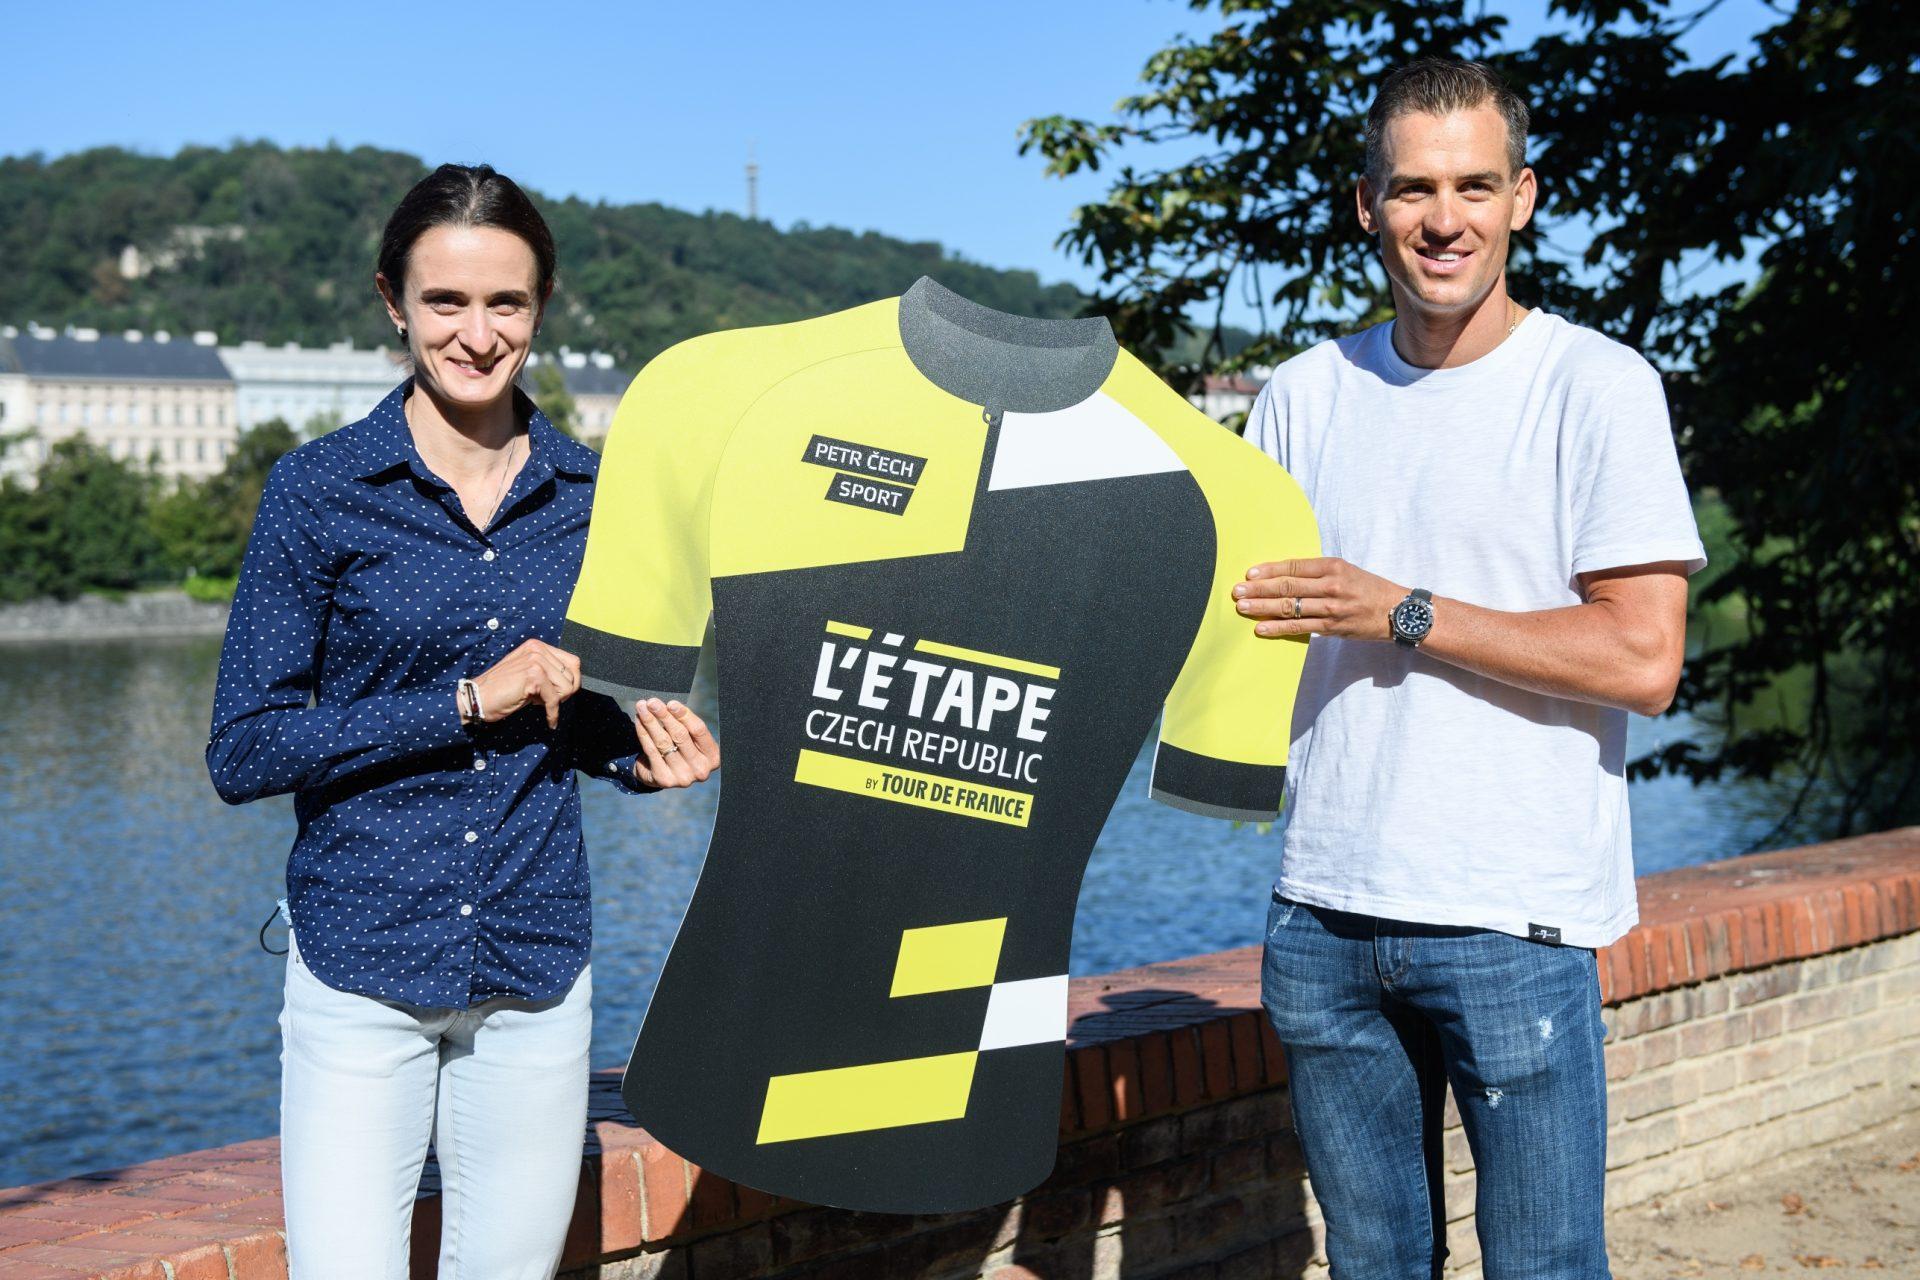 Martina Sáblíková a Zdeněk Štybar jsou ambasadory projektu L'Etape Czech Republic by Tour de France.